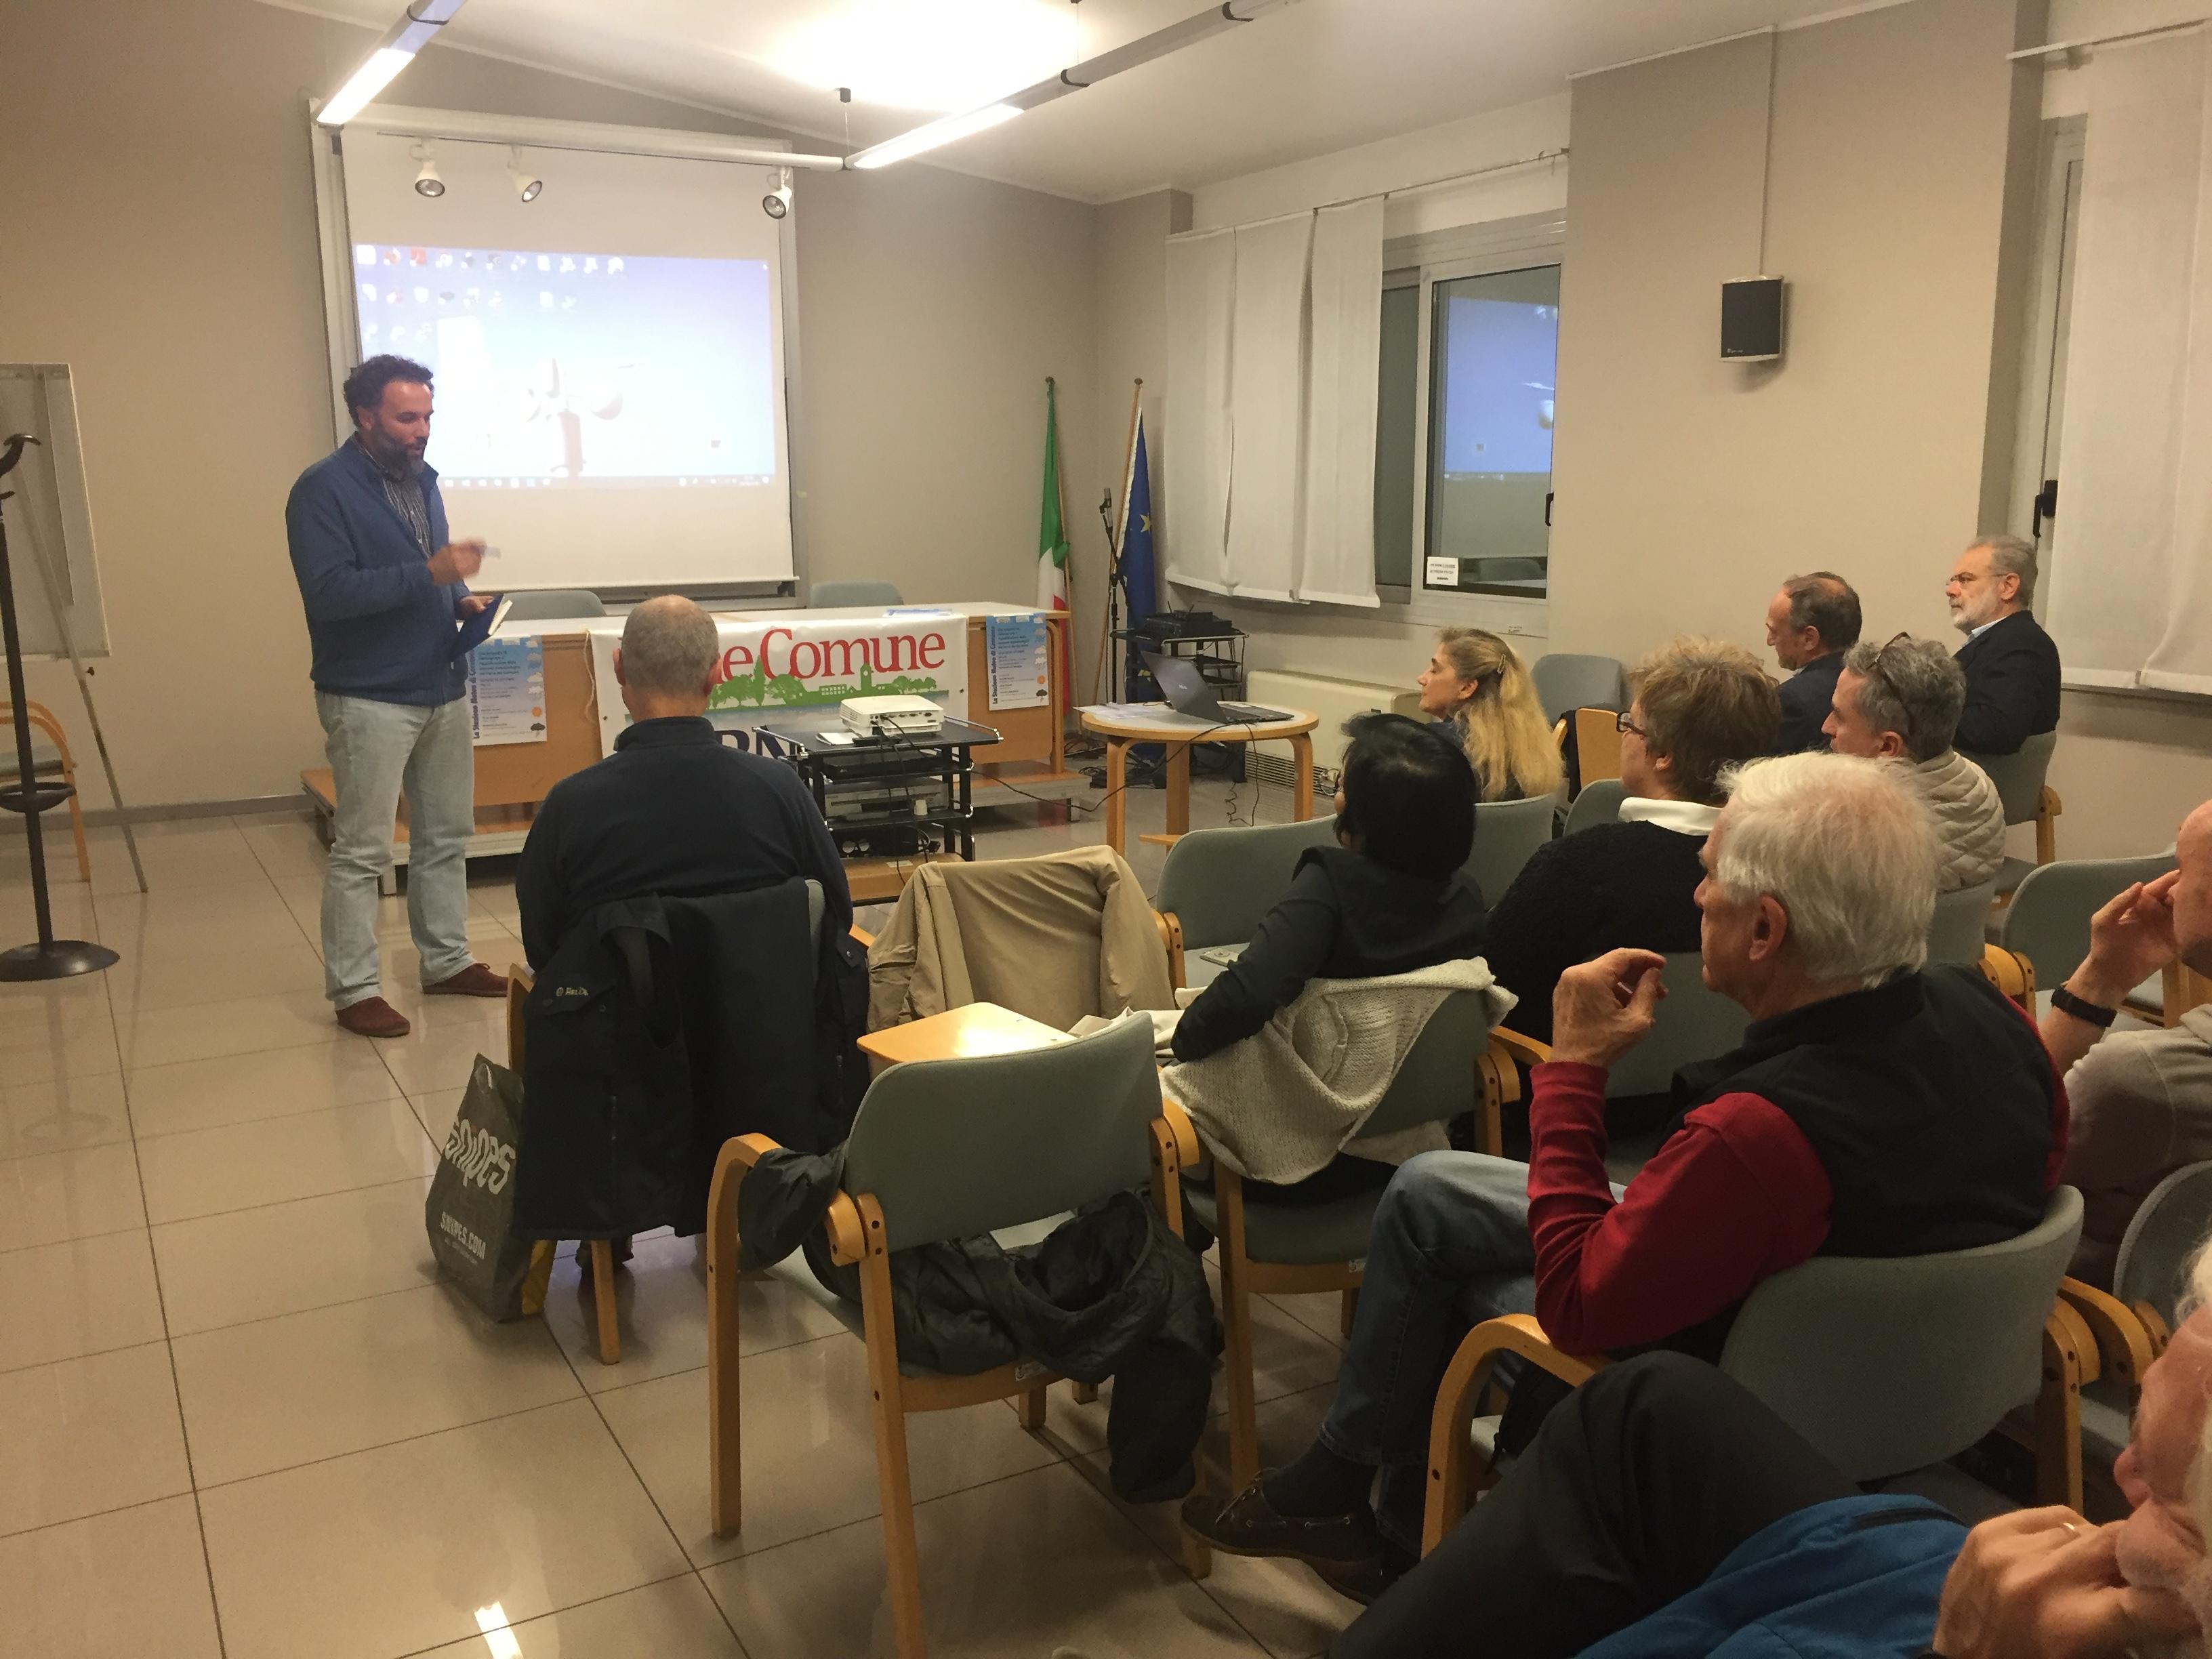 Intervento di Daniele Restelli, assessore delegato all'ecologia